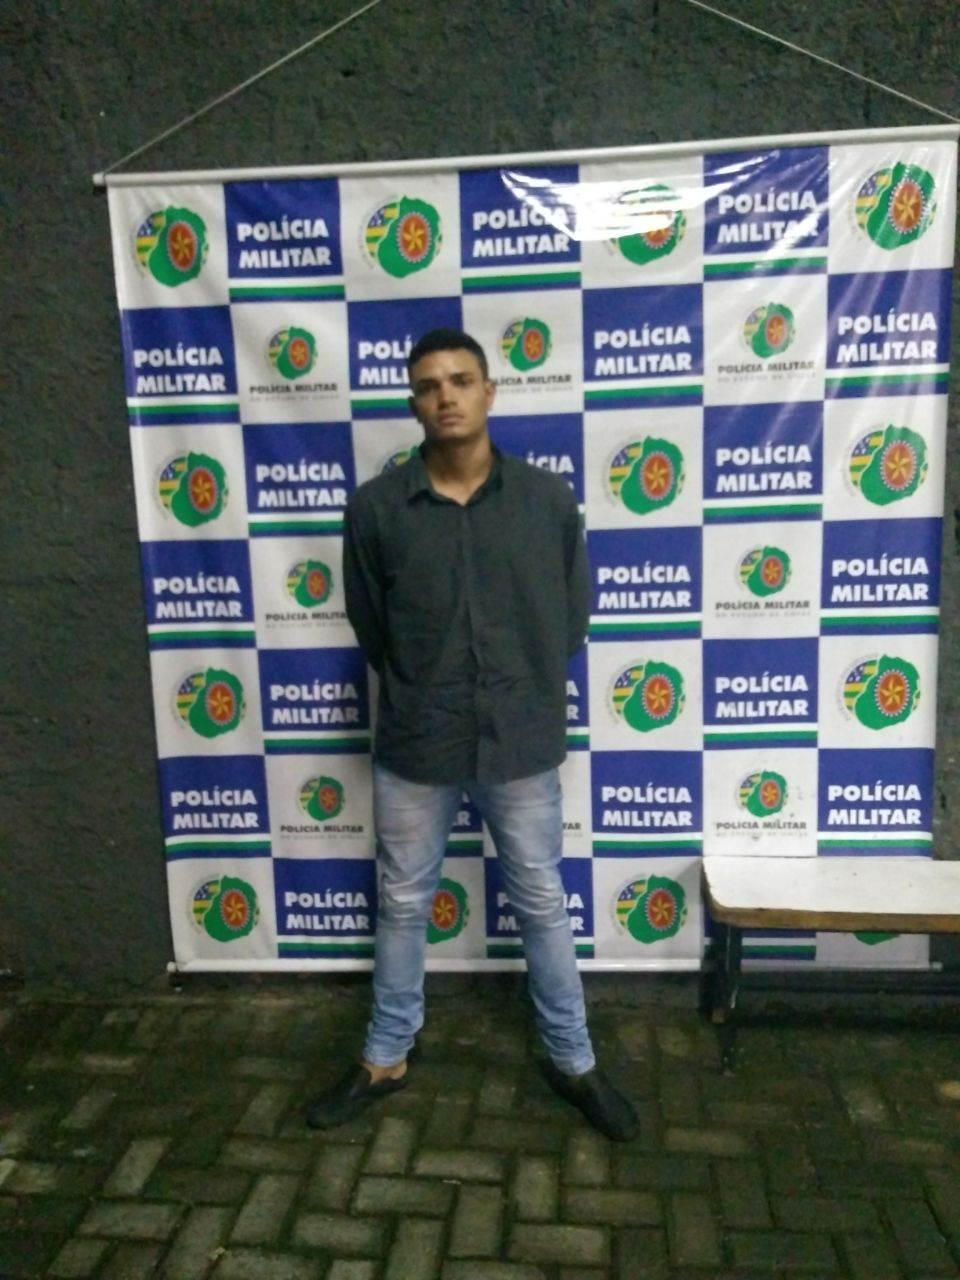 Wallace Pereira dos Santos foi preso pela PM tendo em sua posse 13 aparelhos celulares das marcas Motorola, LG e iPhone | Foto: Divulgação/ PM